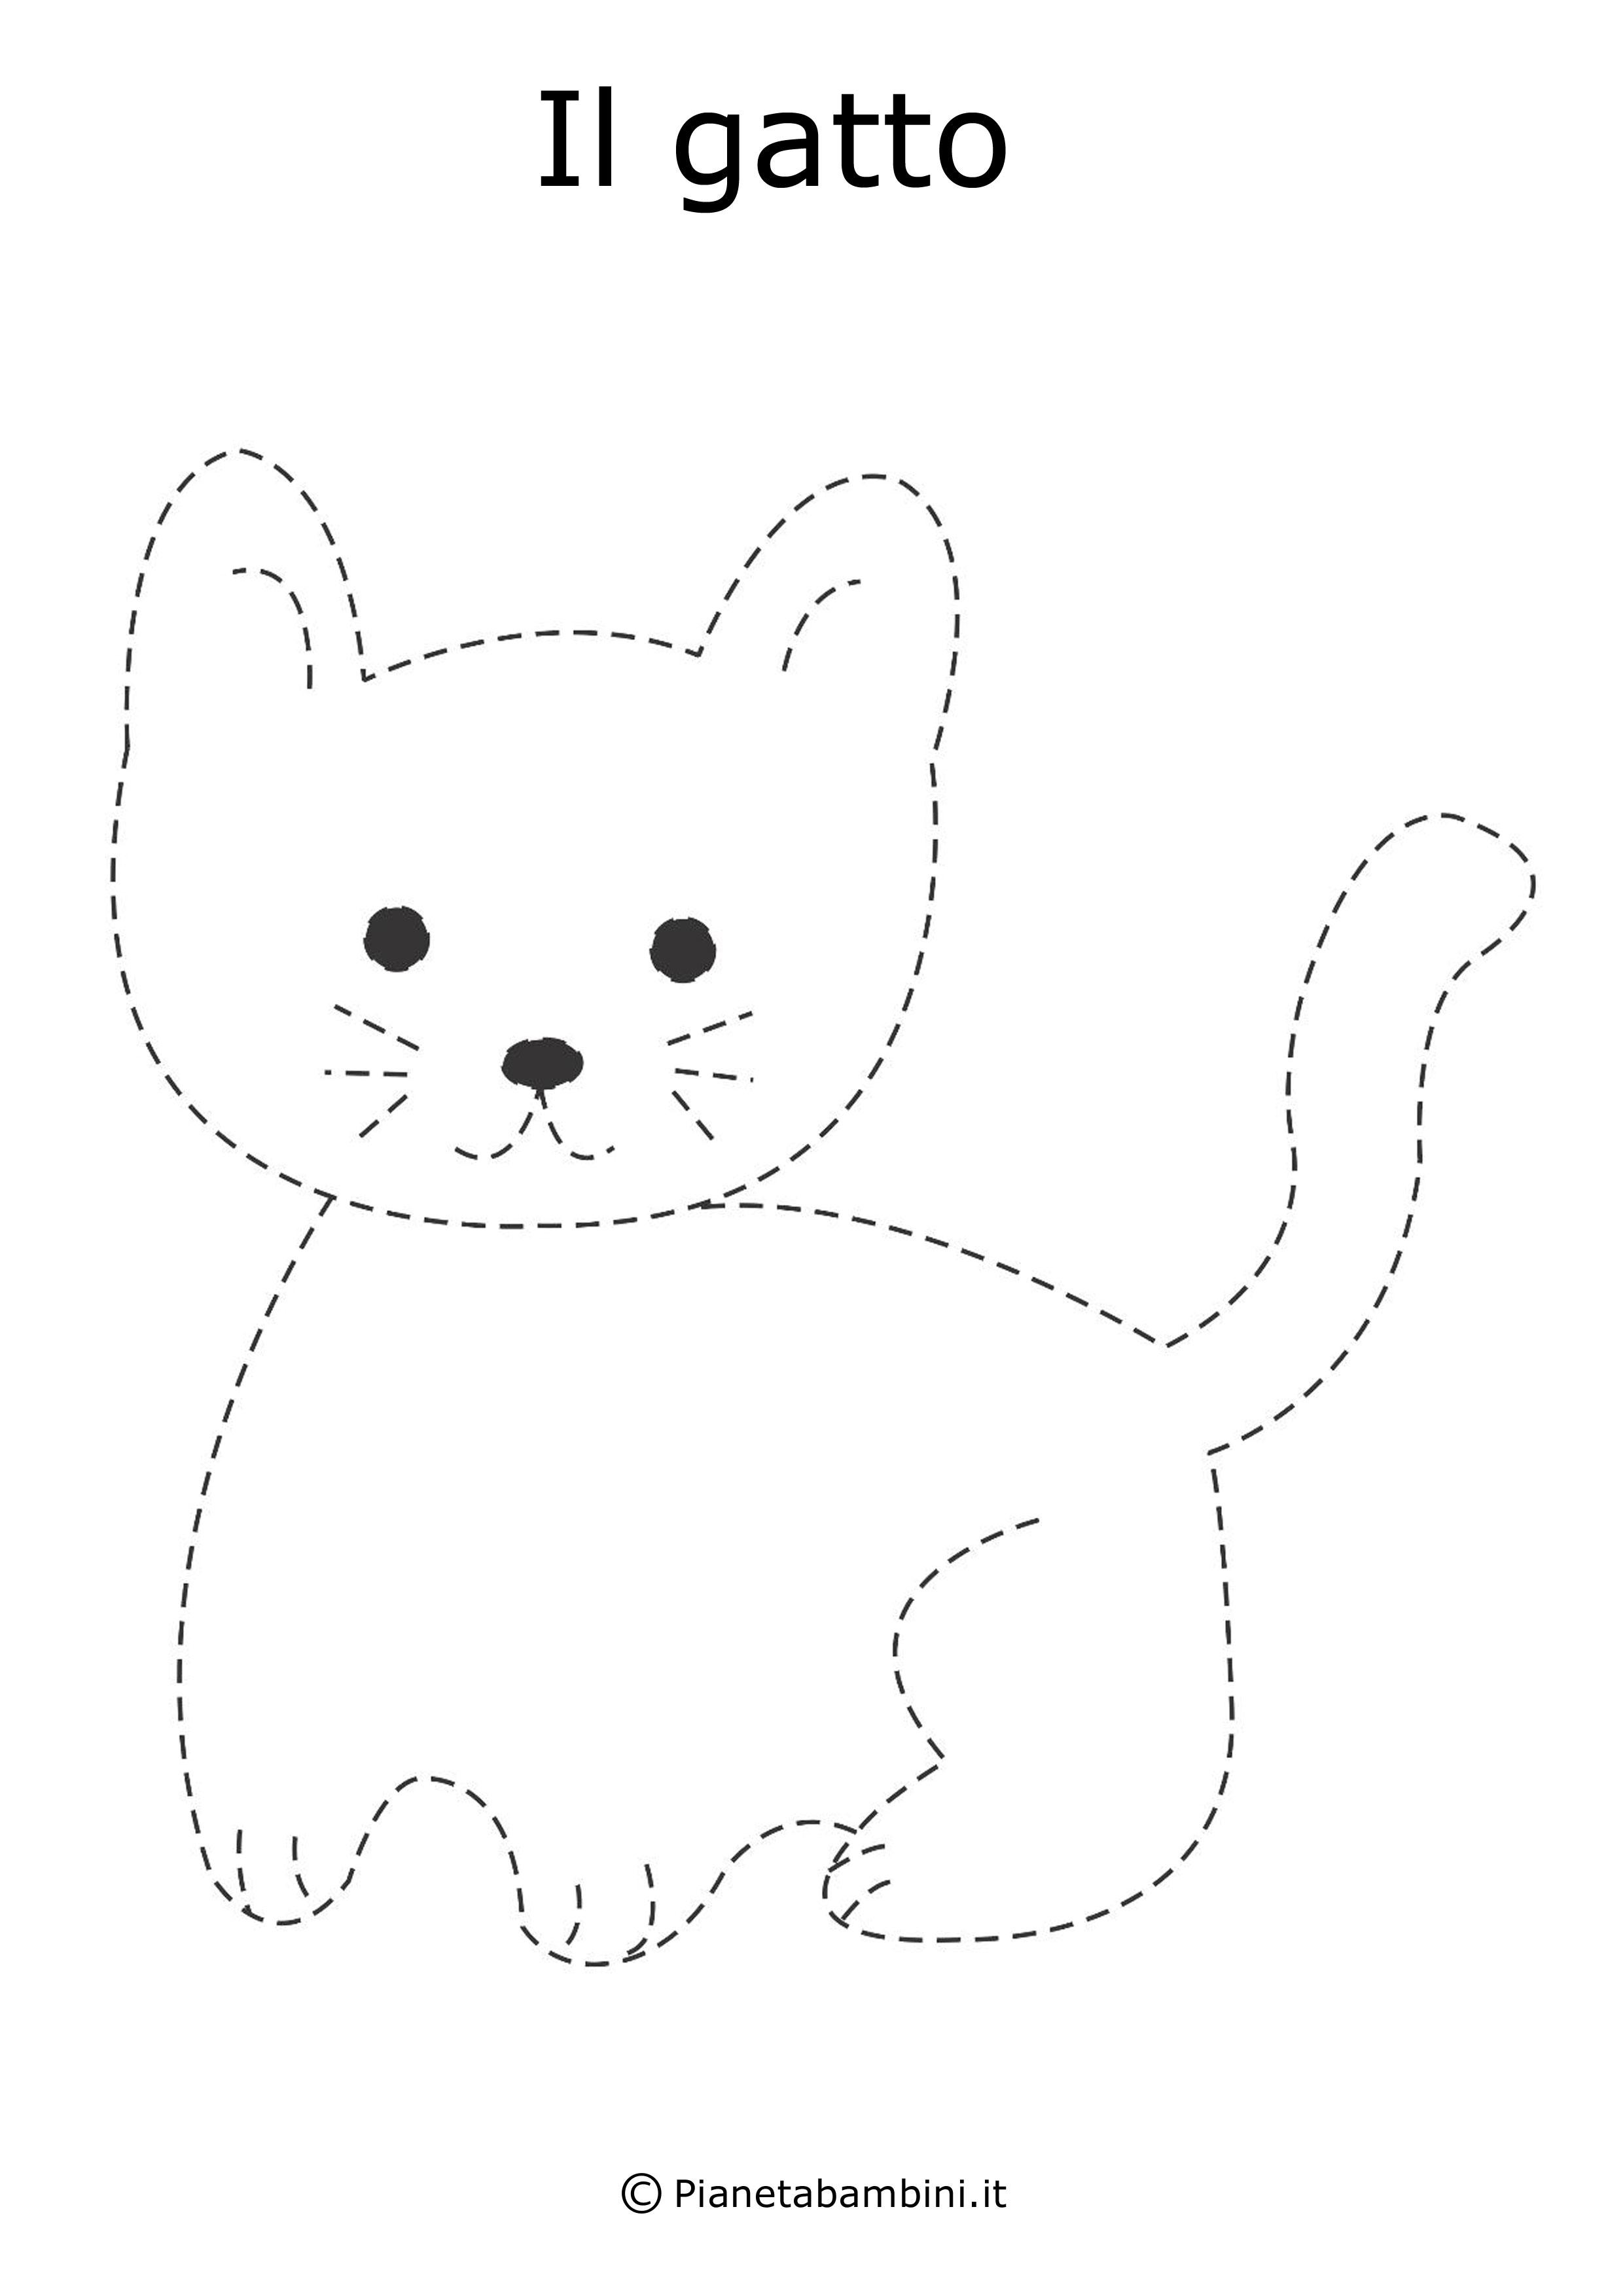 Schede di pregrafismo disegni tratteggiati da completare for Immagini gatti da colorare